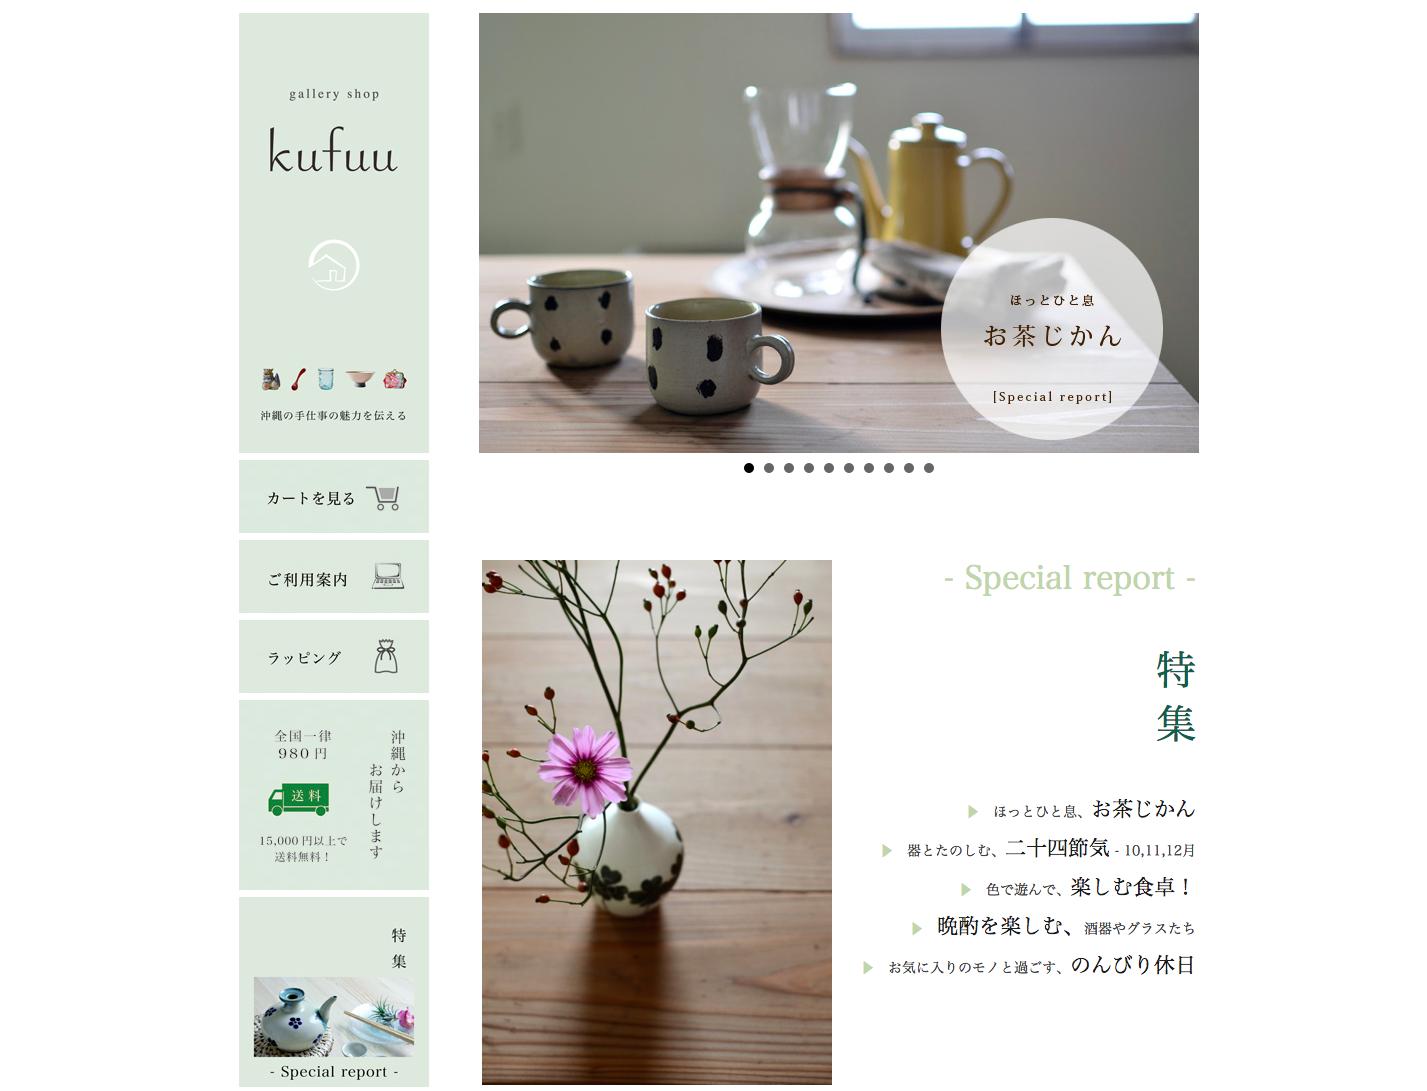 沖縄の魅力的な手仕事の品々を販売しているkufuuの通販サイトトップページです。